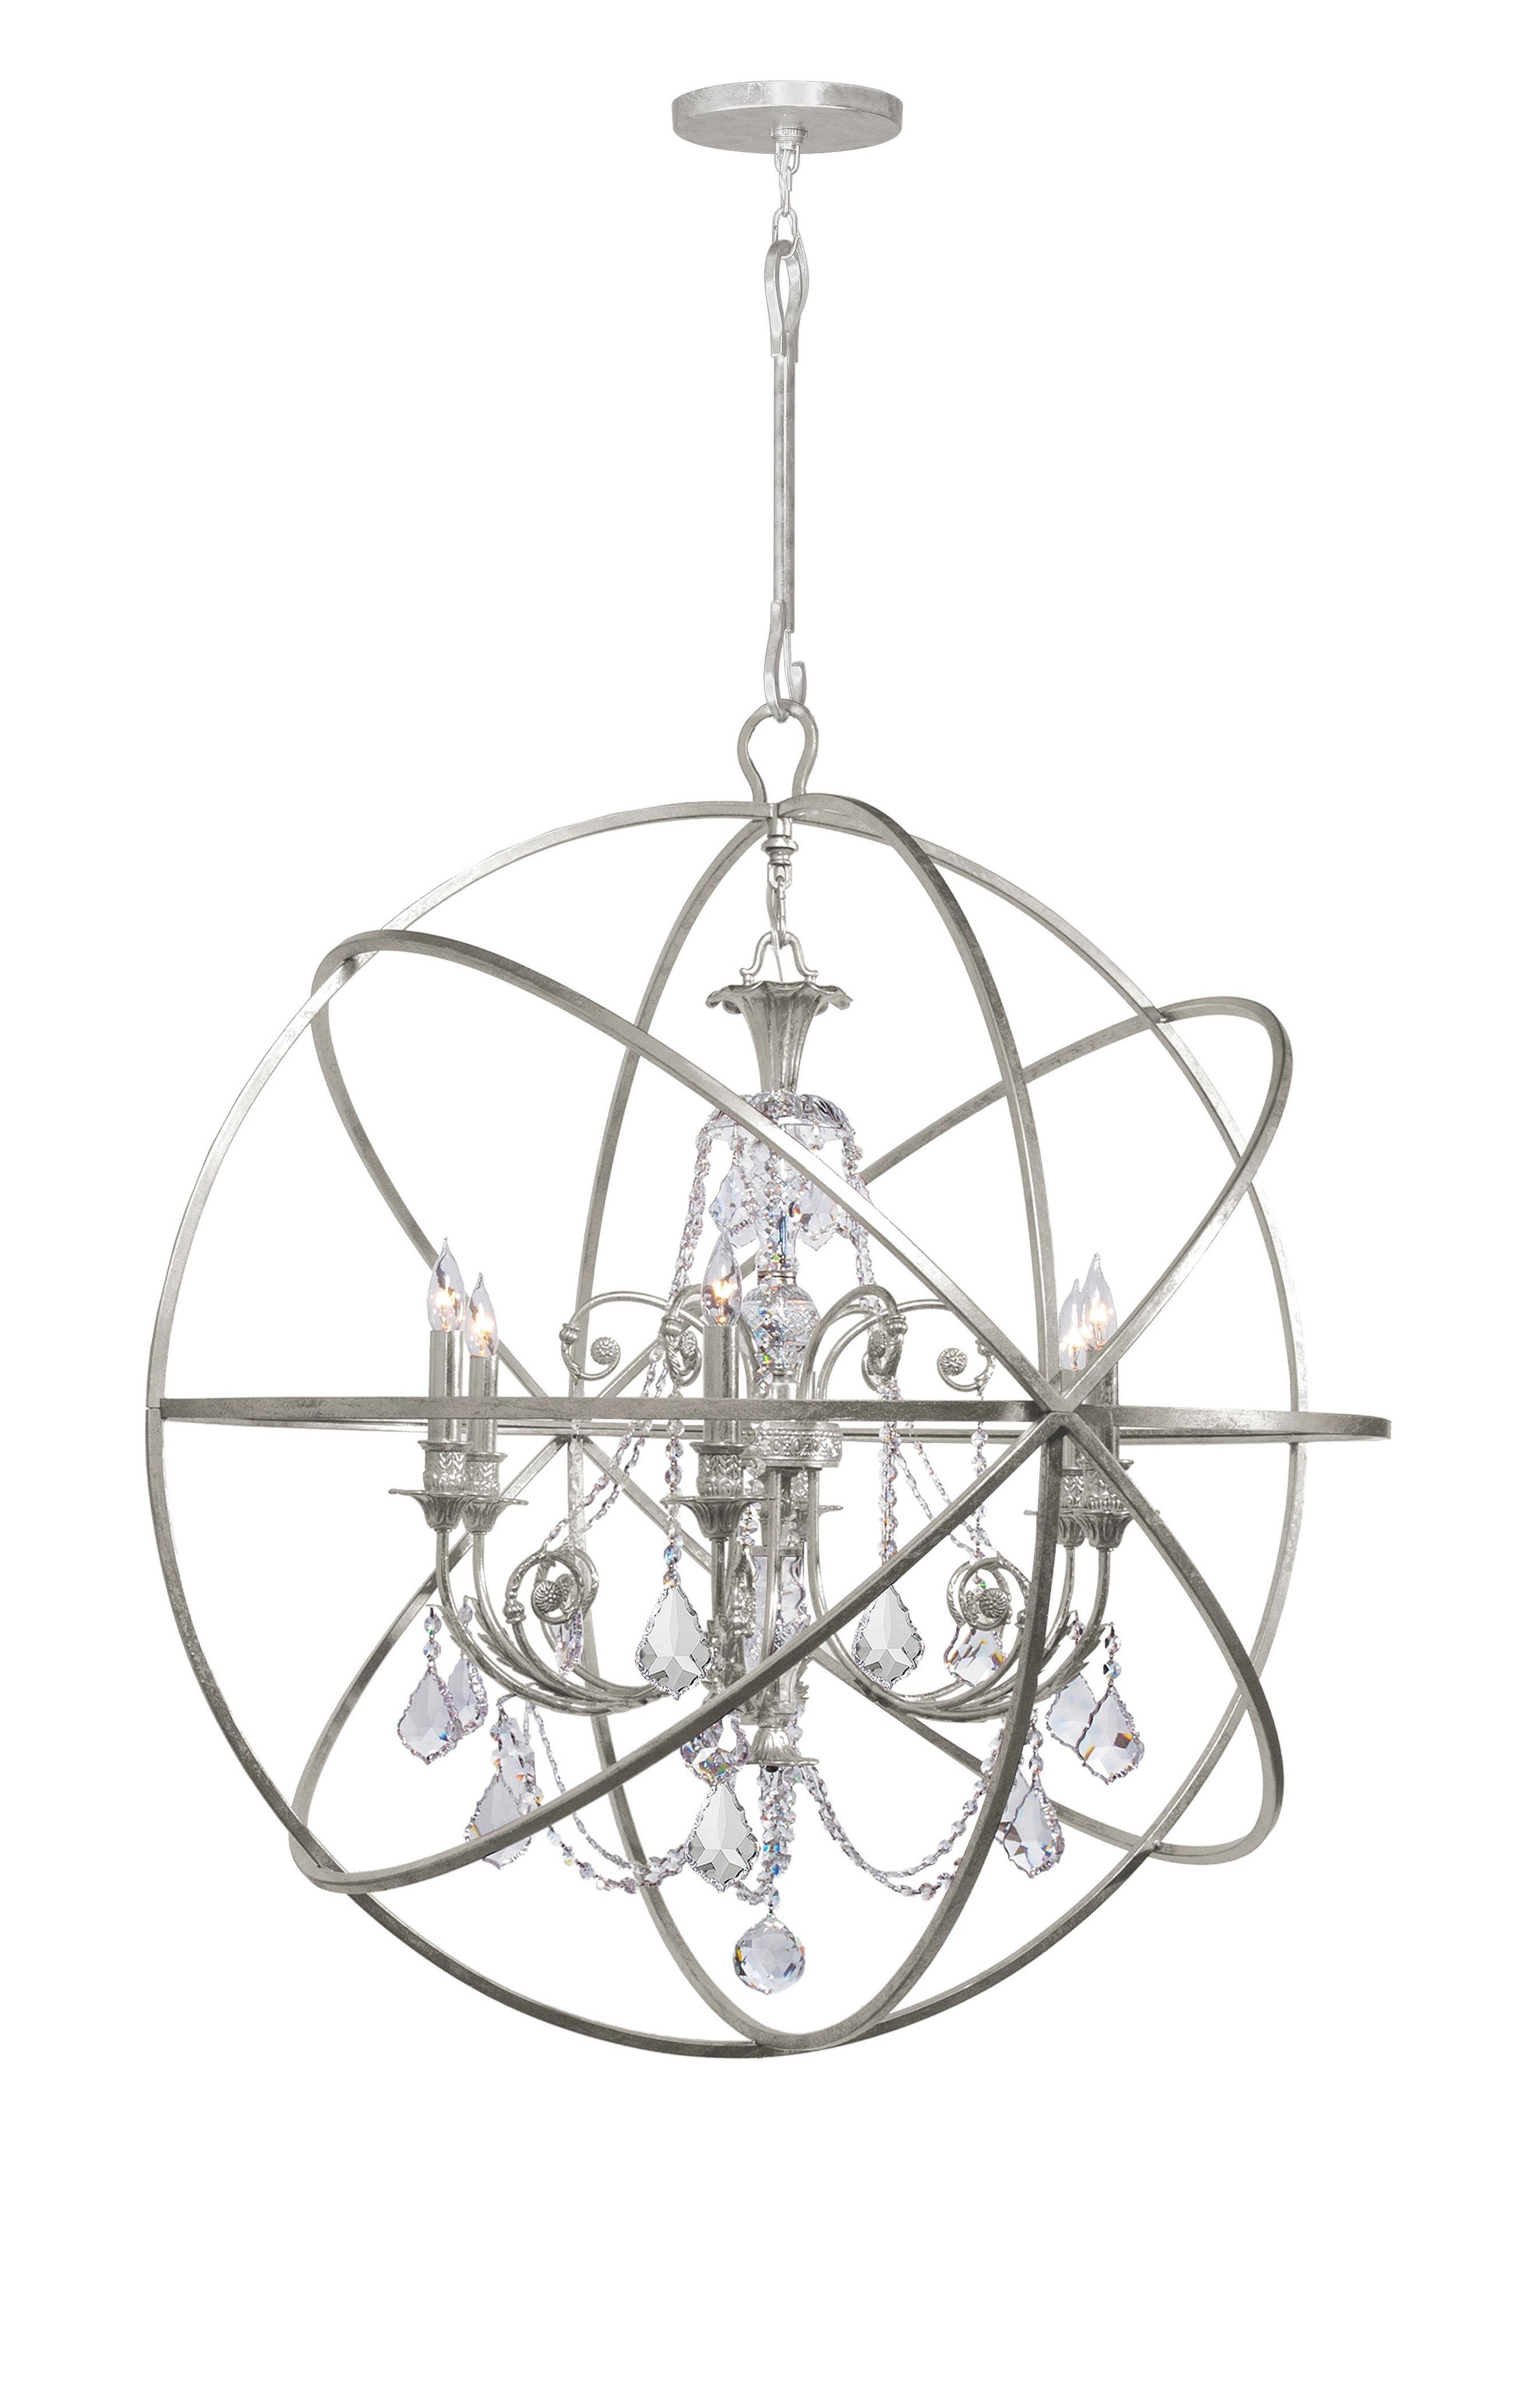 Gregoire 6 Light Globe Chandelier For Current Gregoire 6 Light Globe Chandeliers (Gallery 4 of 20)